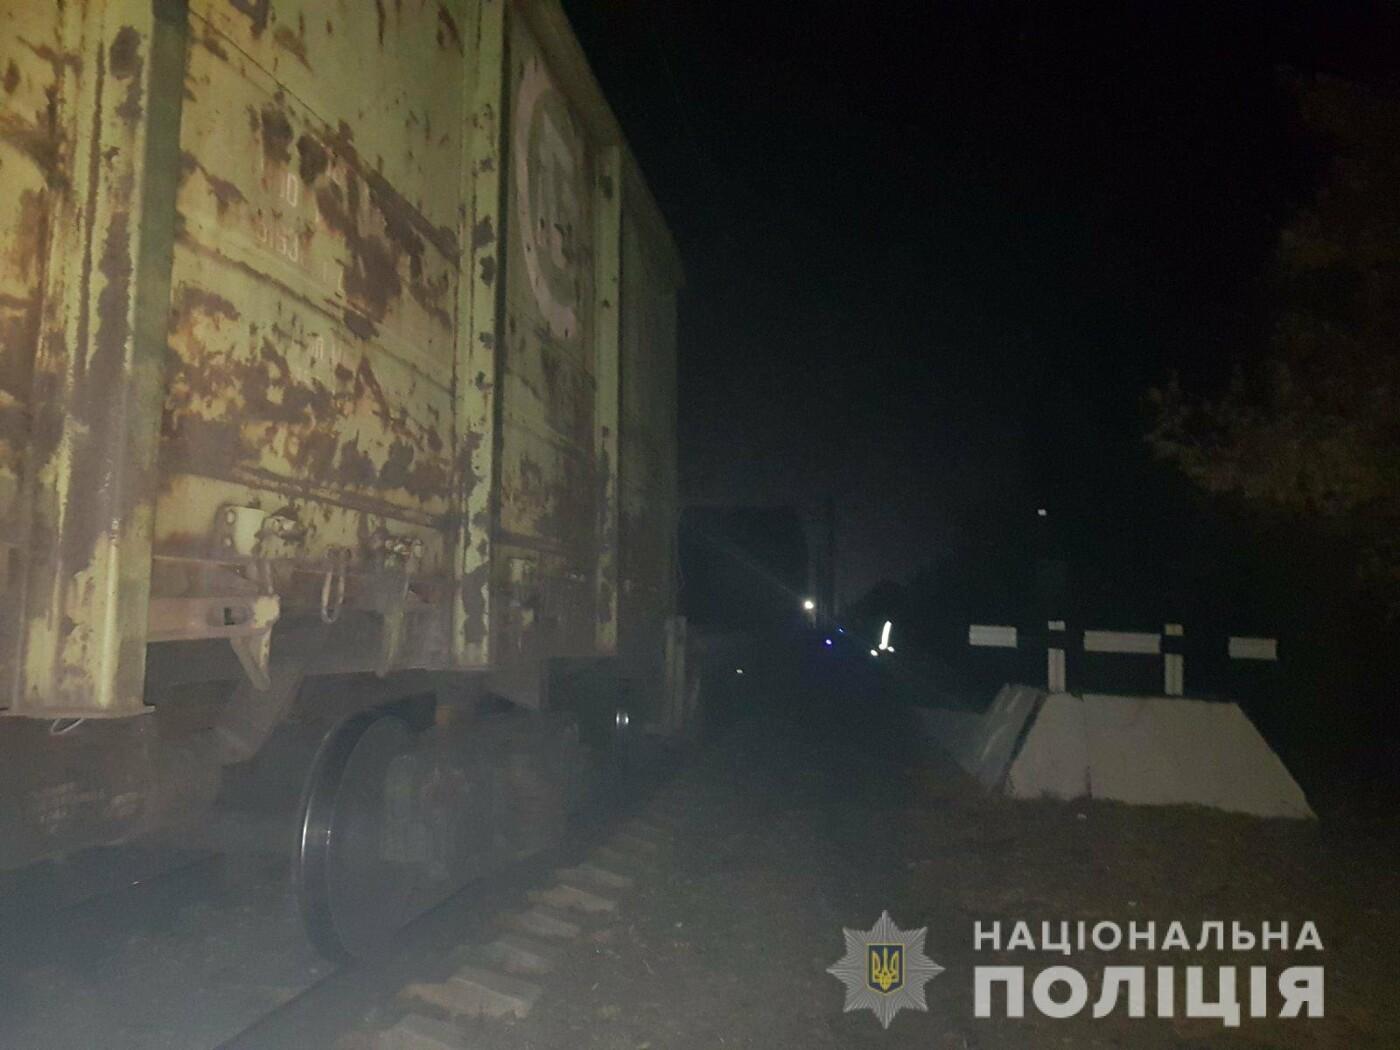 В Дергачах грузовой поезд насмерть сбил мужчину, сидевшего на рельсах, - ФОТО, фото-4